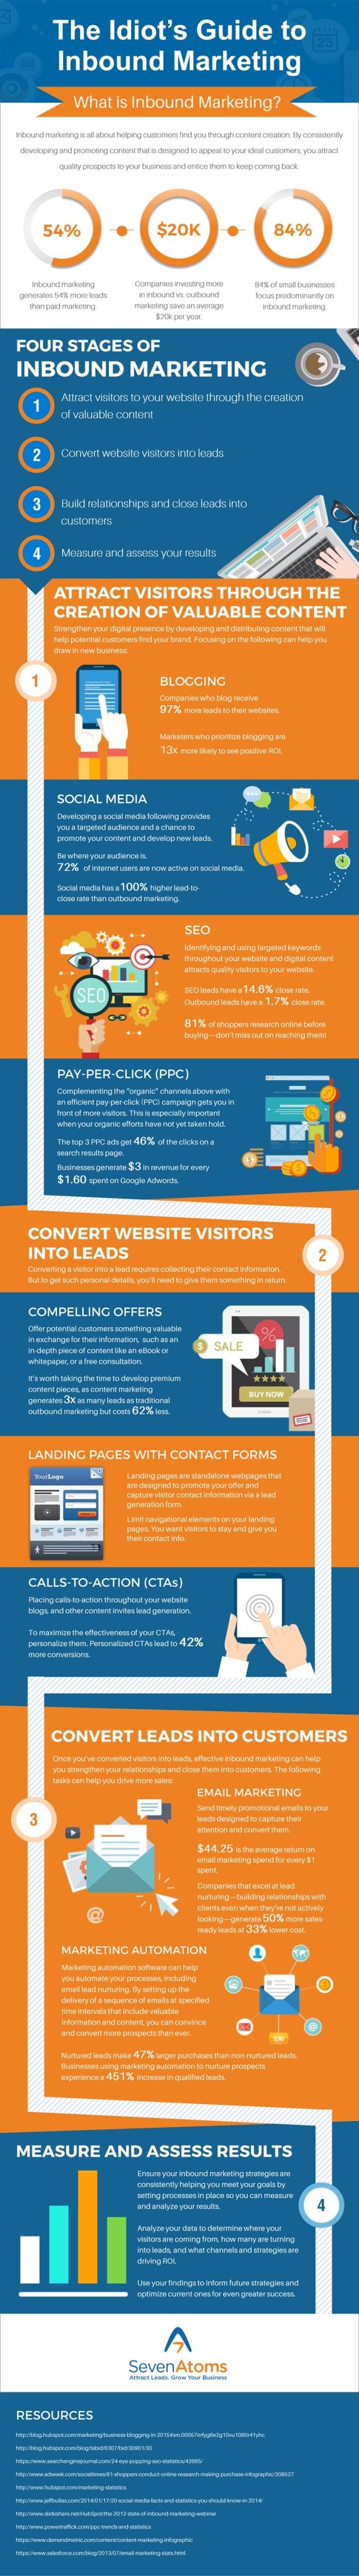 Inbound-Marketing-Infographic-1